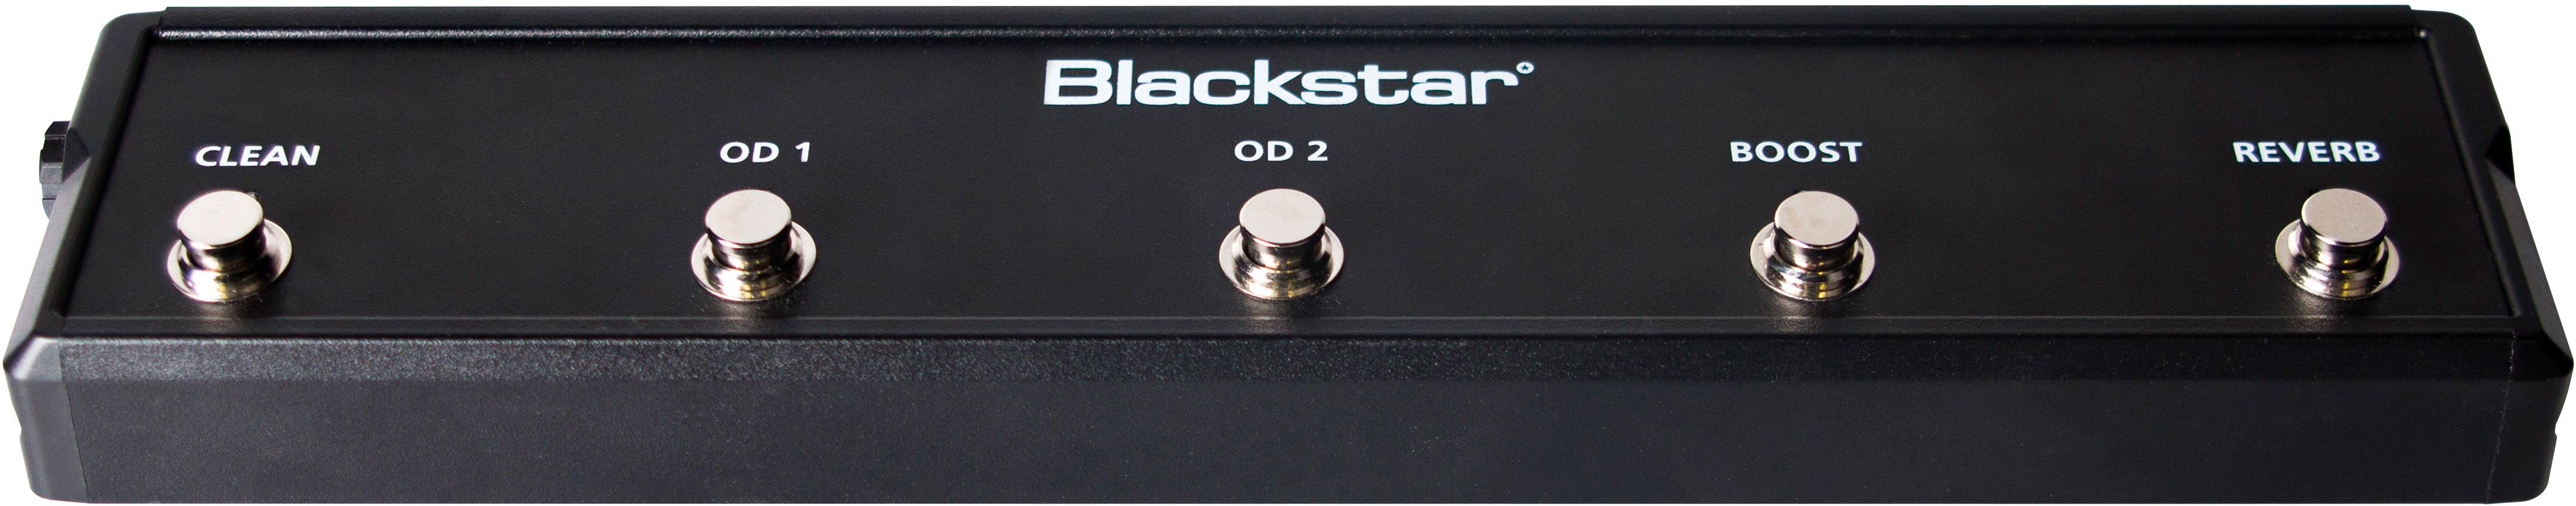 BLACKSTAR FS-14 (HT VENUE MK.II)